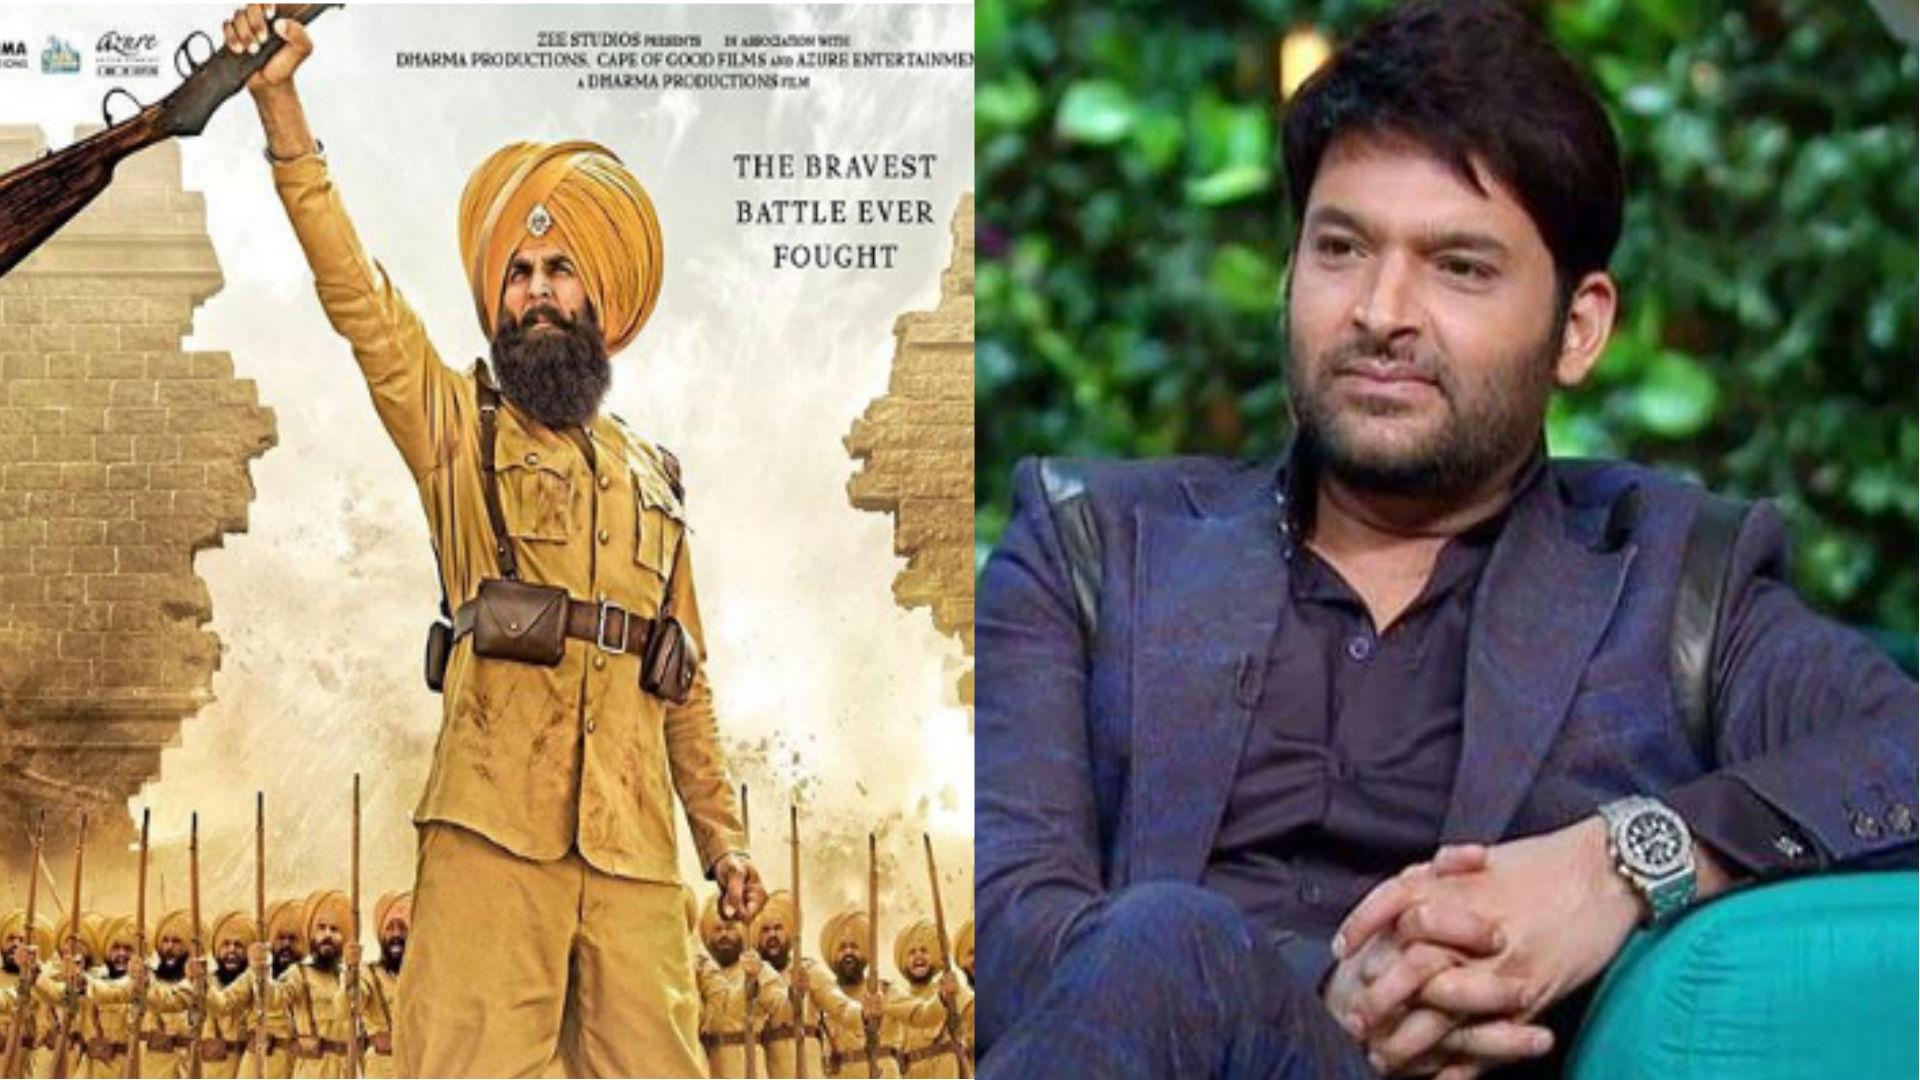 द कपिल शर्मा शो में अक्षय कुमार दिखाएंगे देश का असली केसरी रंग, सेना के जवानों के लिए करेंगे ये काम